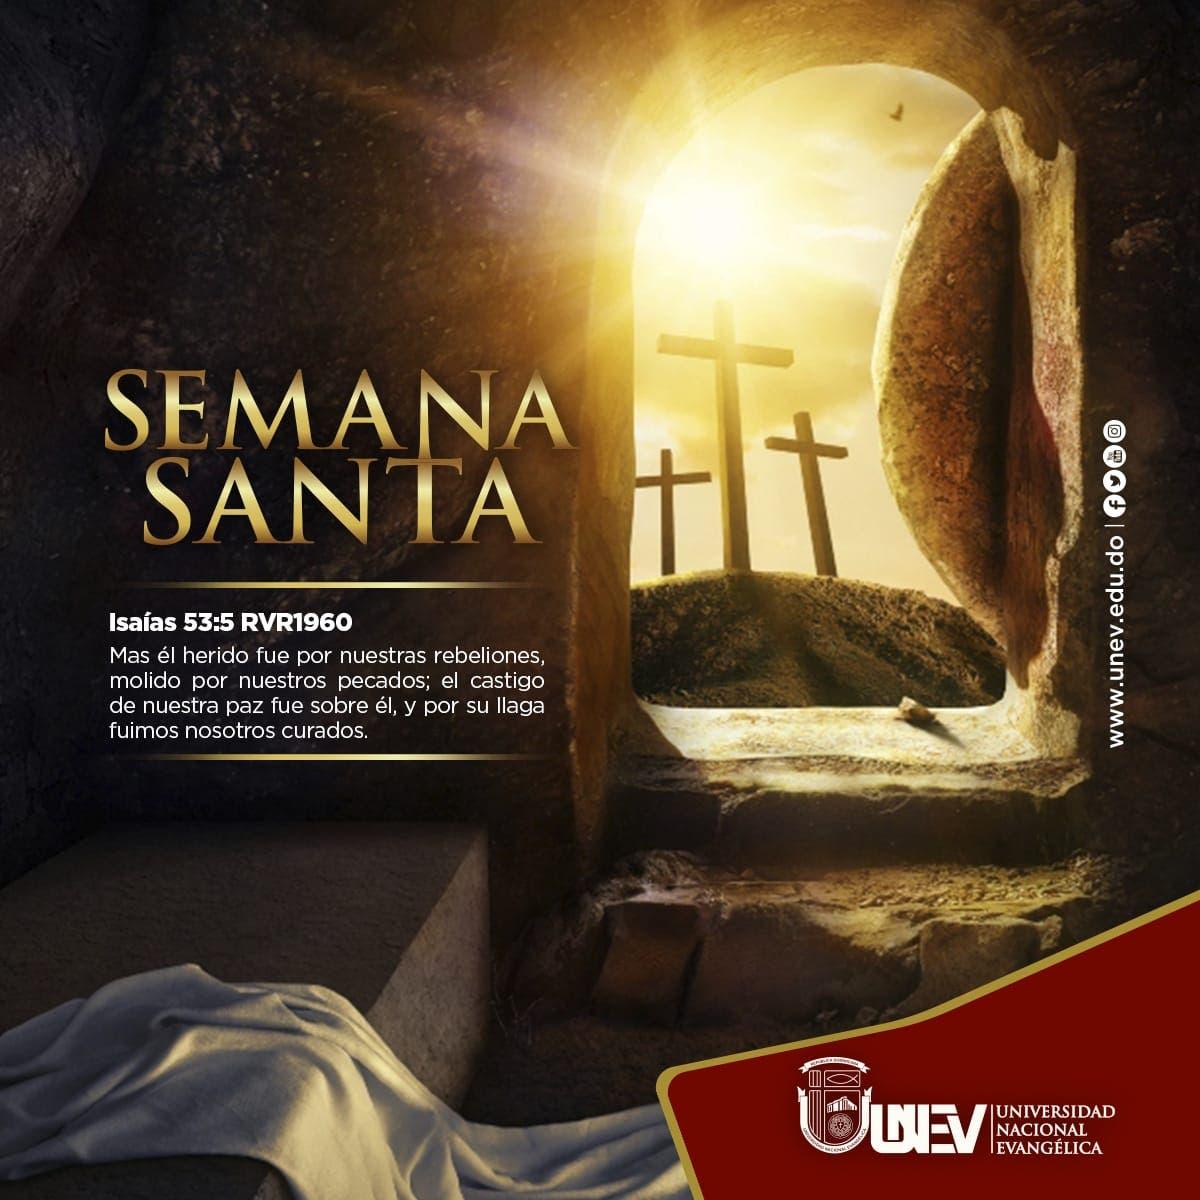 UNEV llama a aprovechar Semana Santa para renovar la Fe y fortalecer la solidaridad